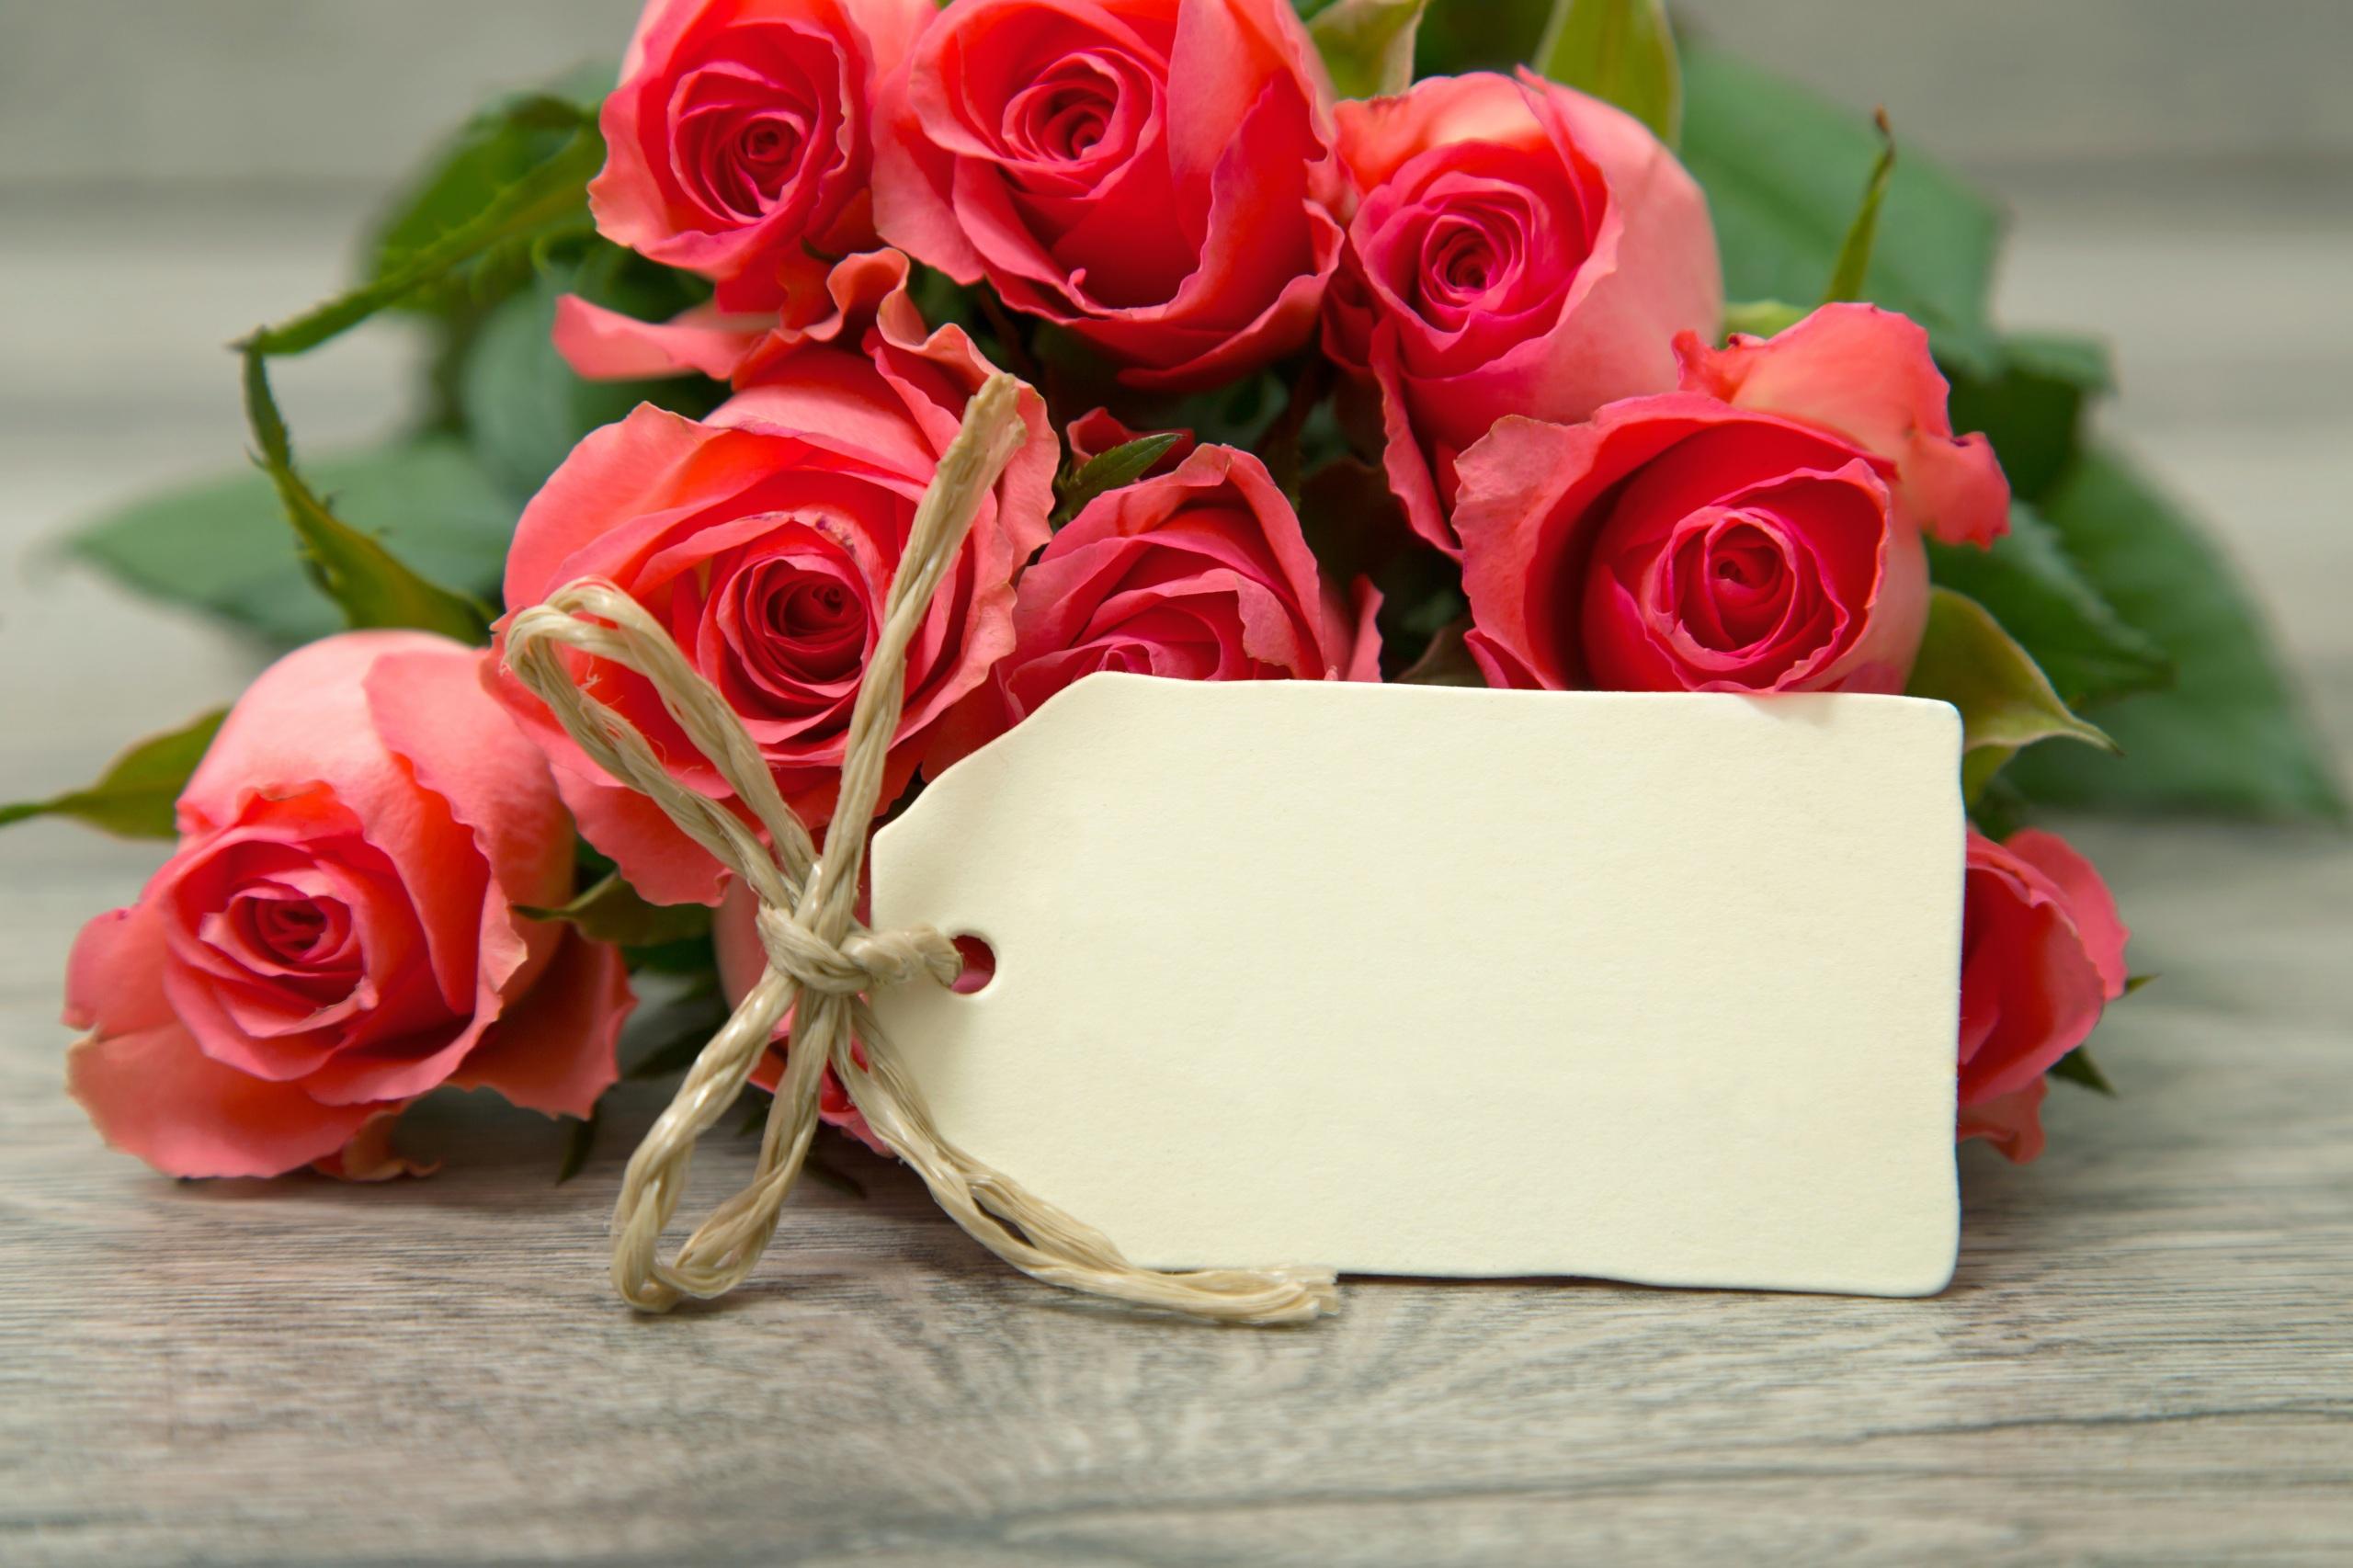 Букеты роз для поздравления картинки 205